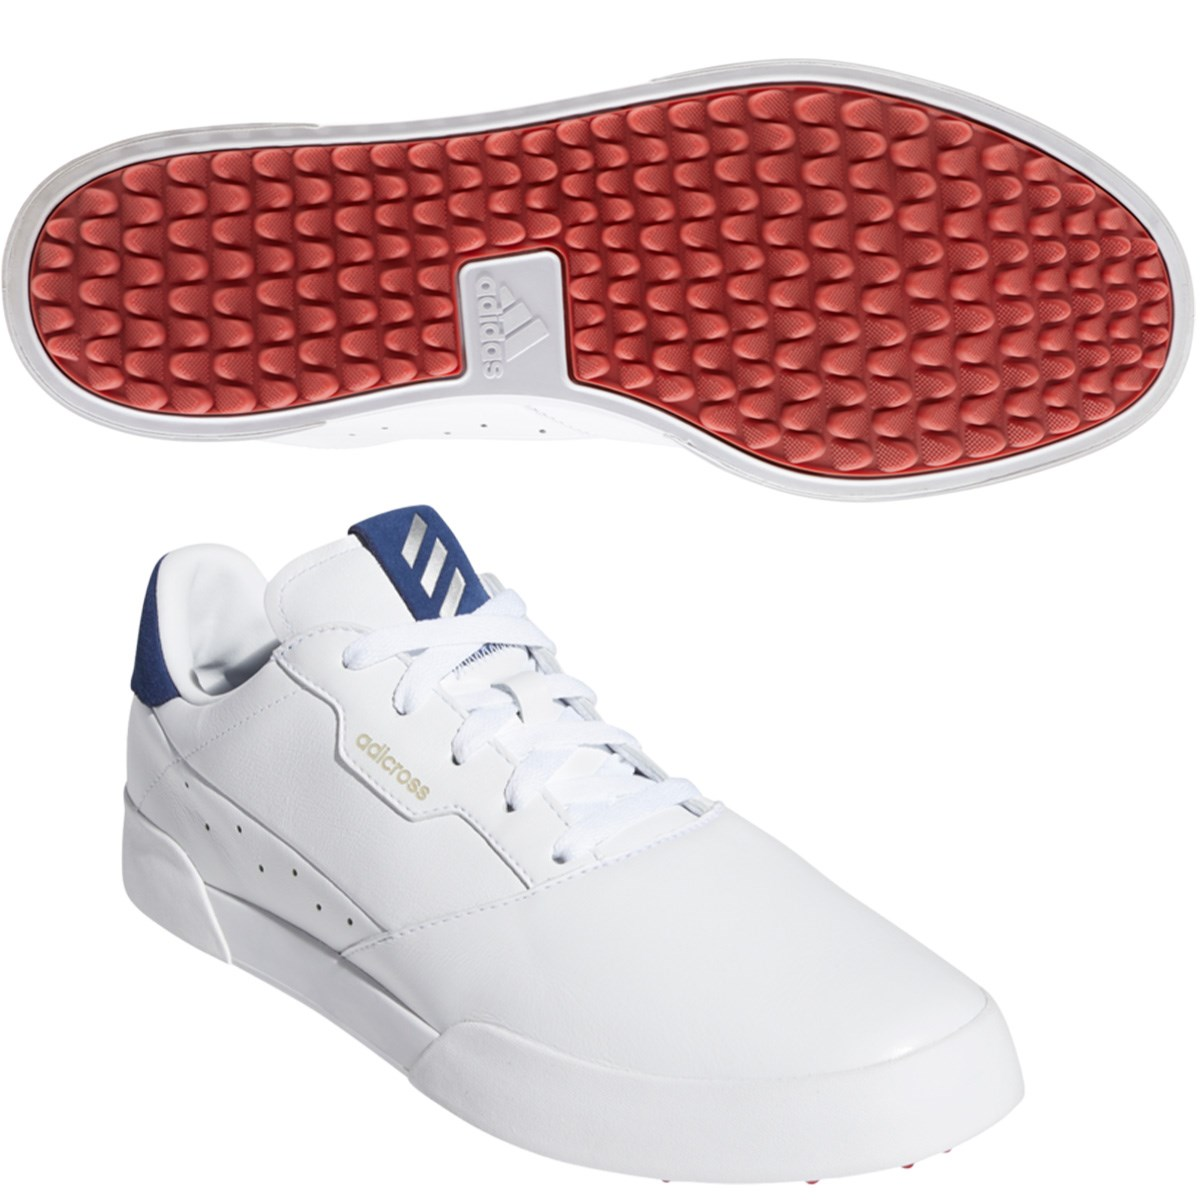 アディダス Adidas アディクロス レトロ シューズ 27.5cm ホワイト/シルバーメタリック/テックインディゴ